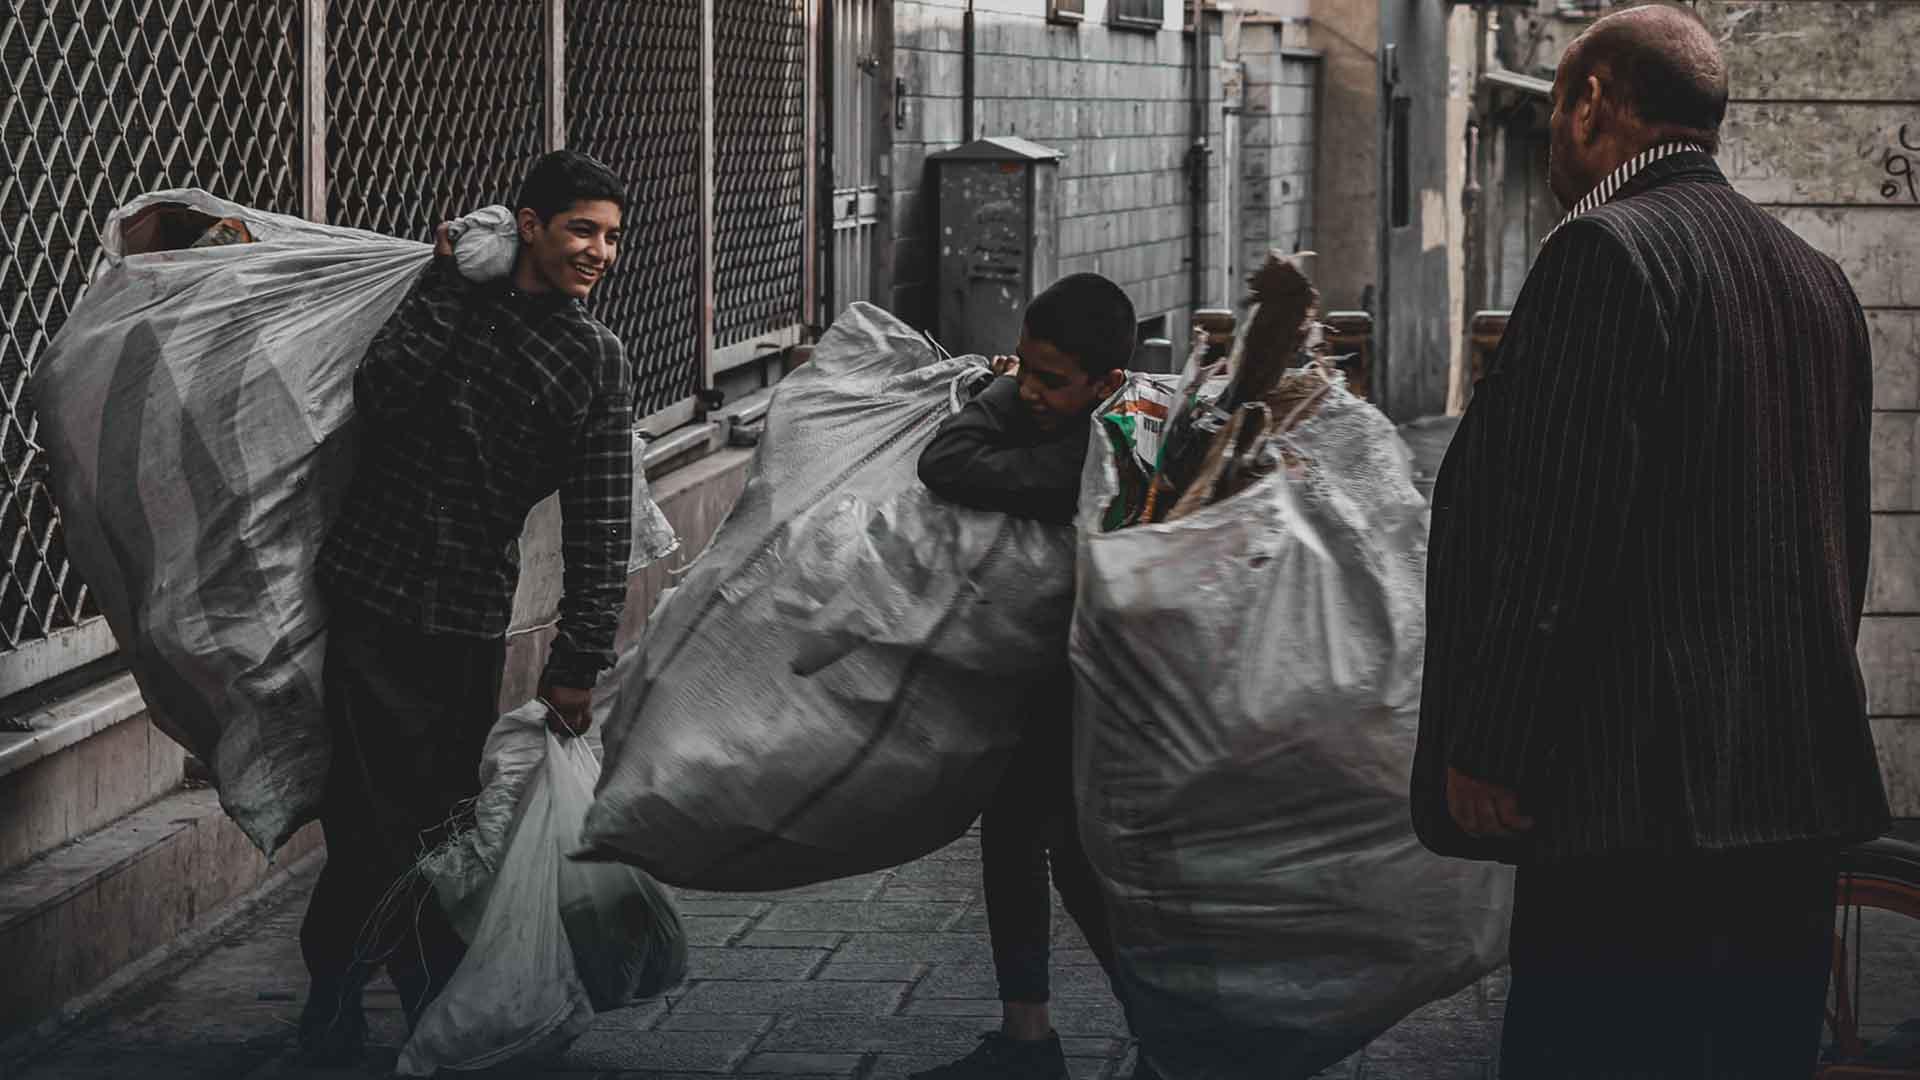 Il lavoro minorile in Italia è tre volte più diffuso che in Europa